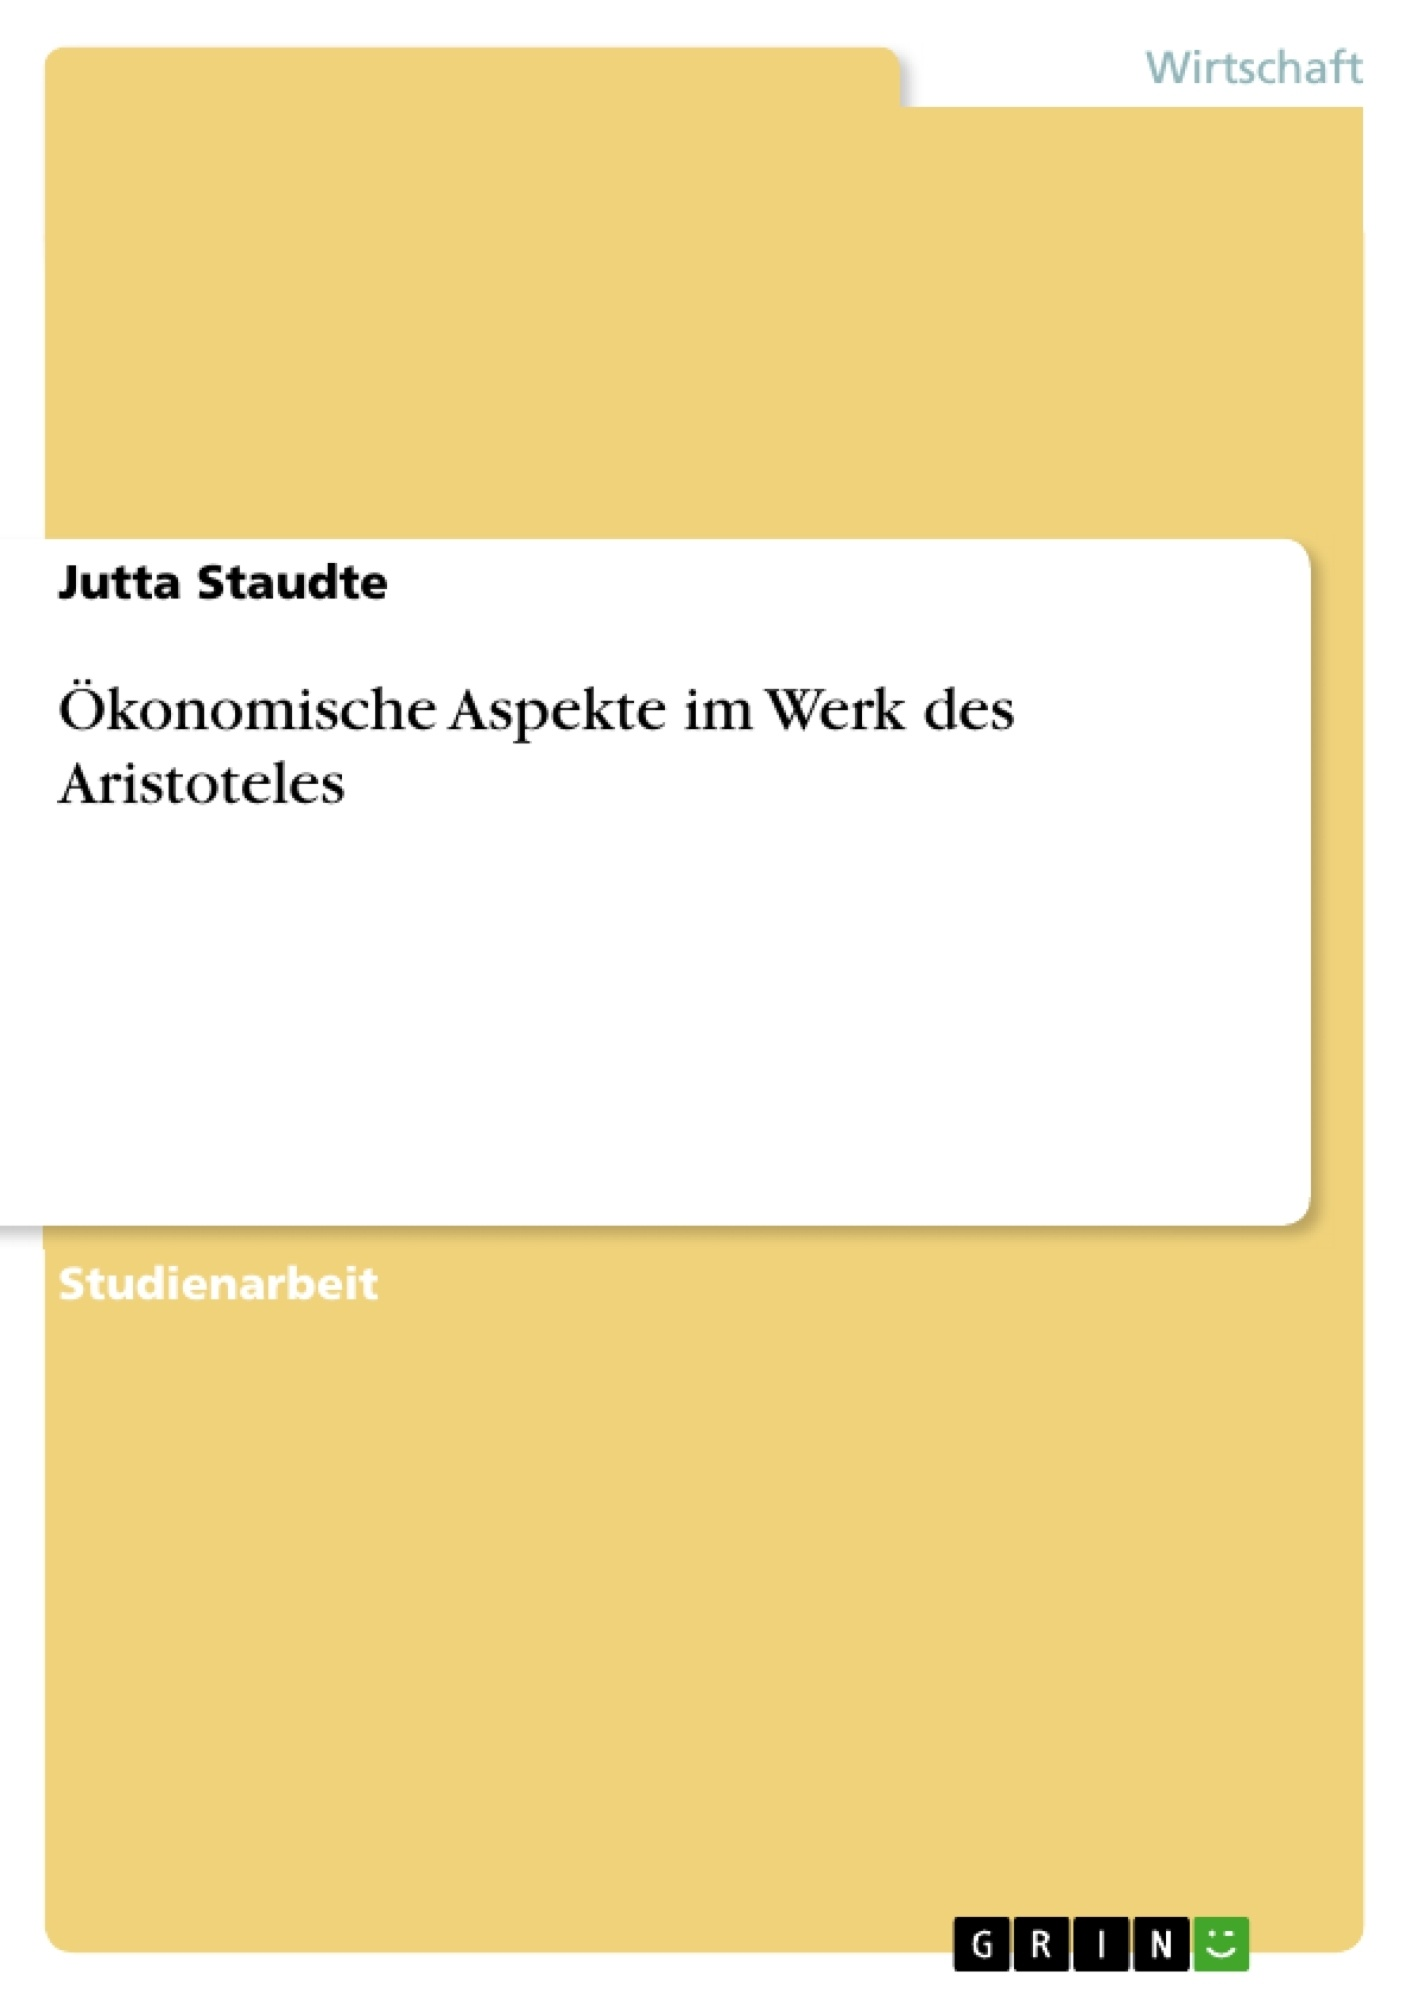 Titel: Ökonomische Aspekte im Werk des Aristoteles